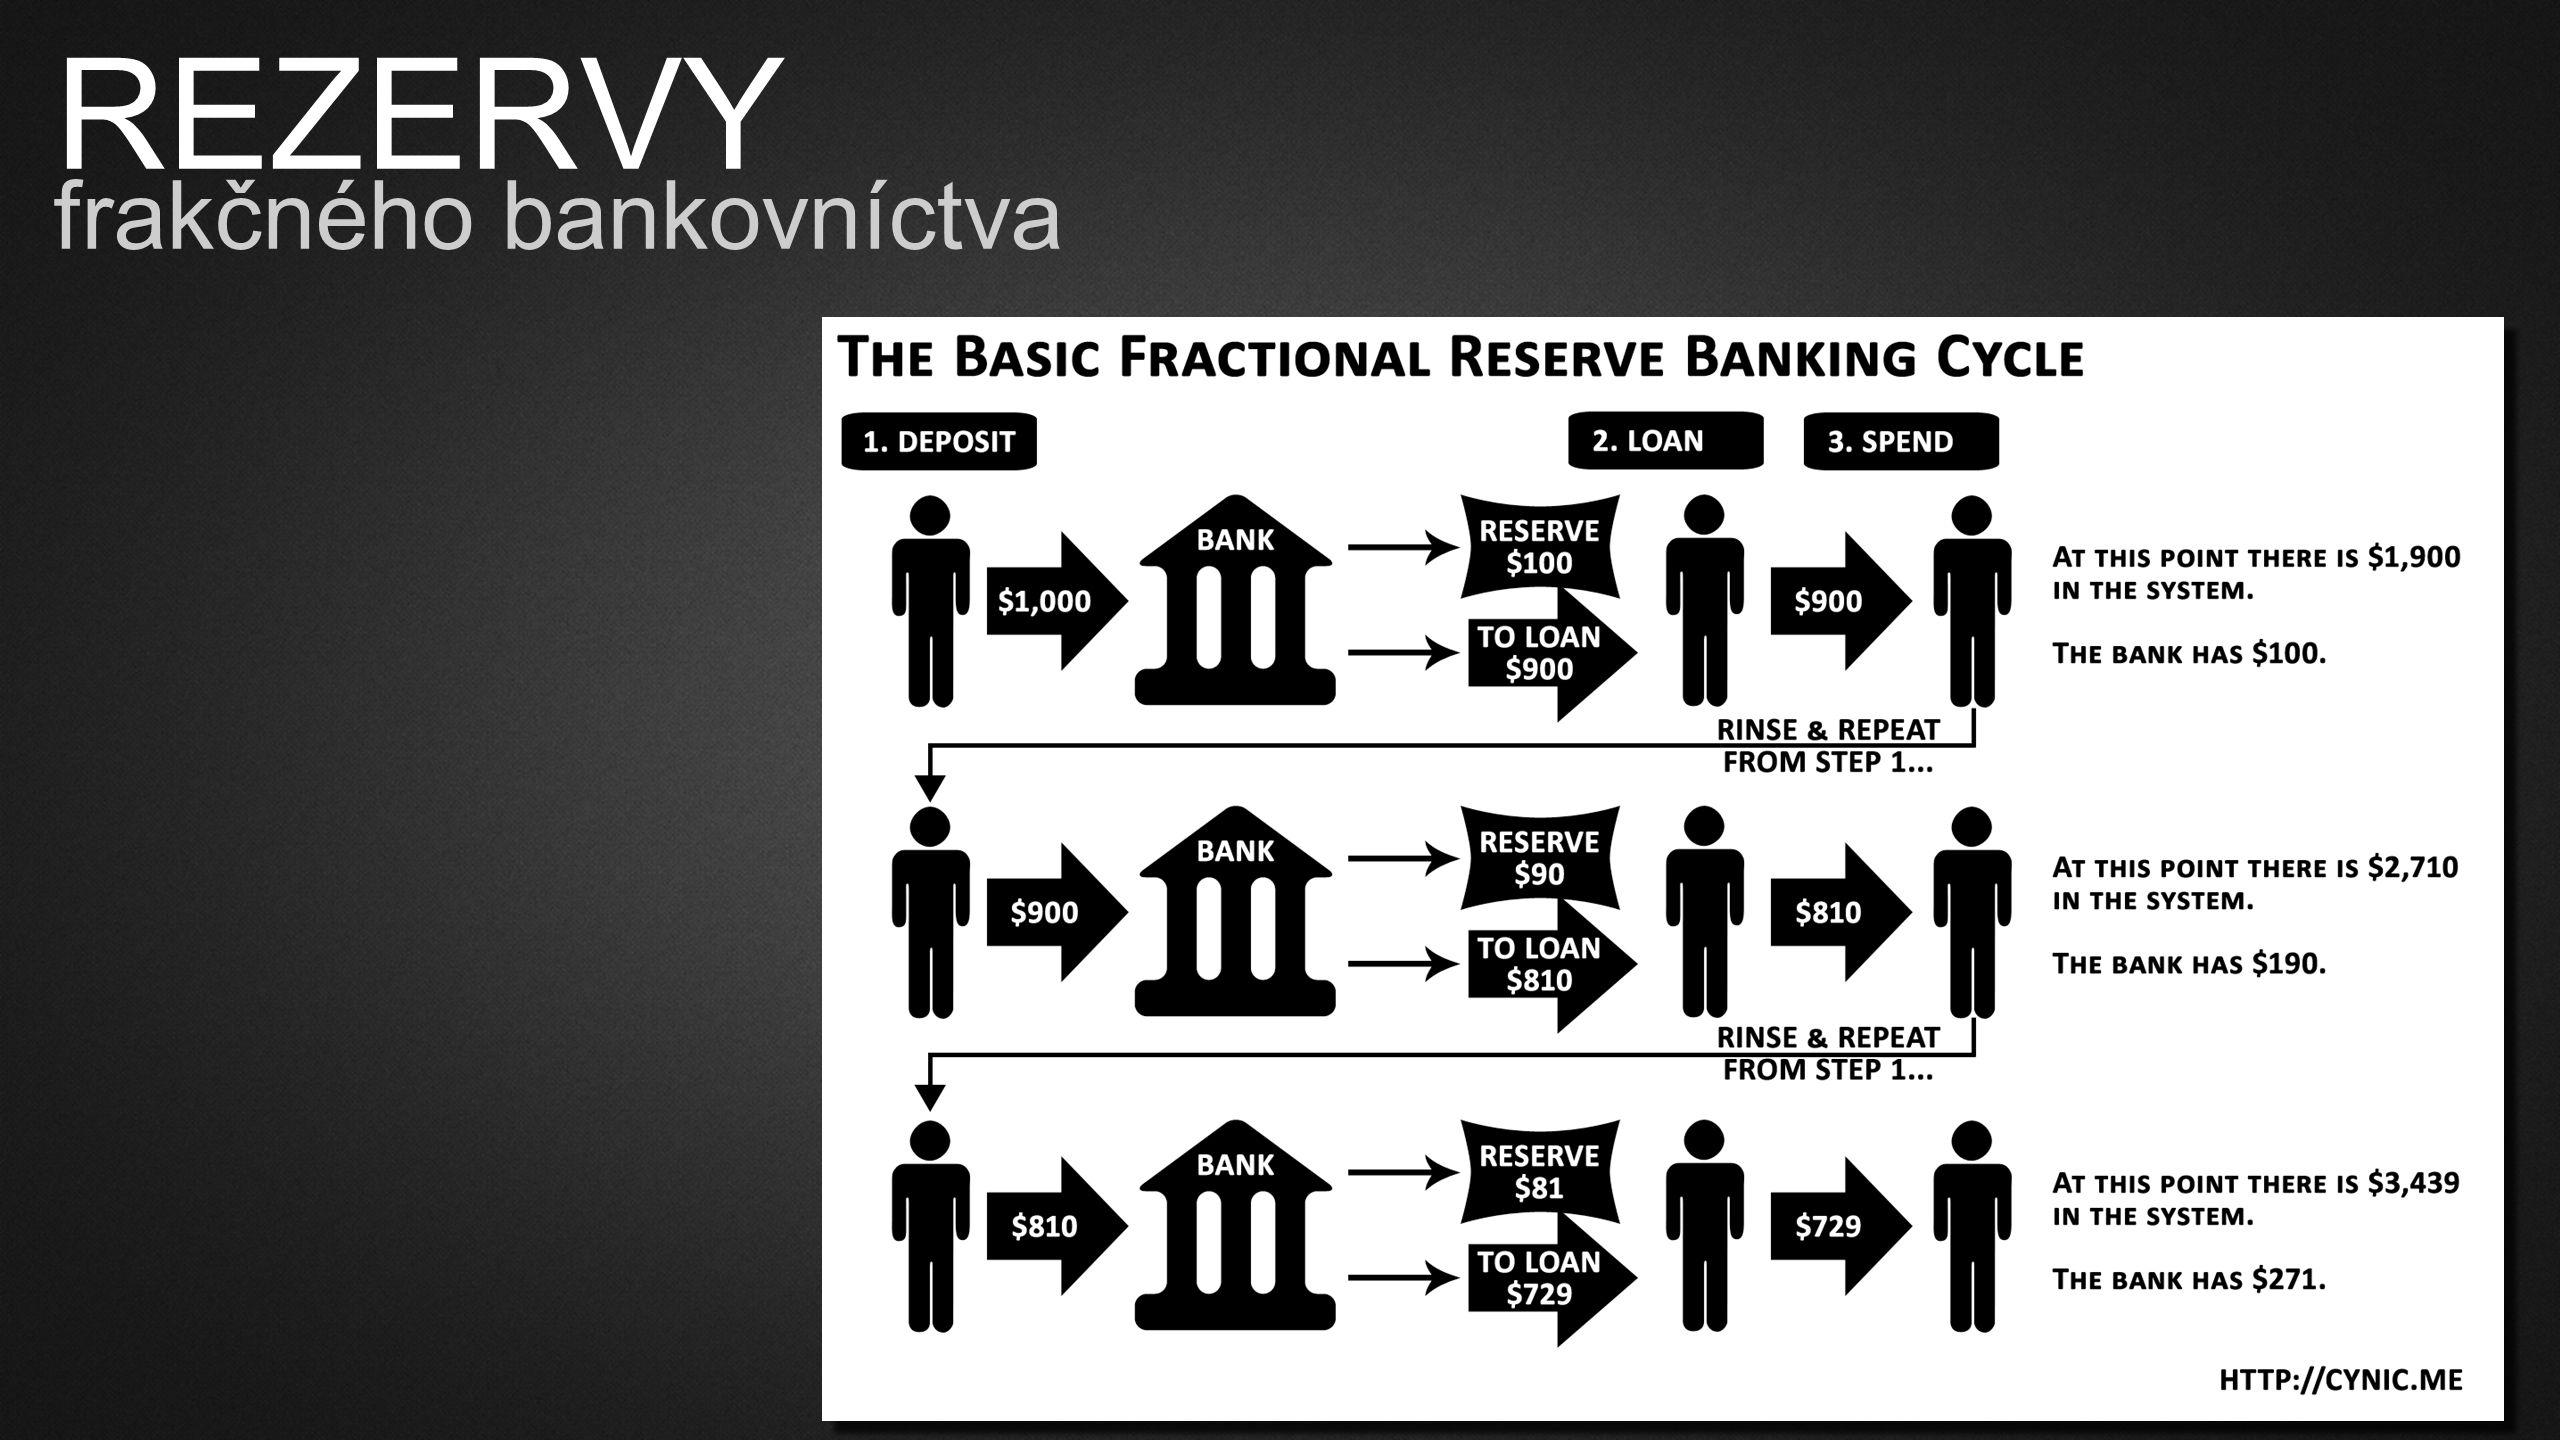 REZERVY frakčného bankovníctva